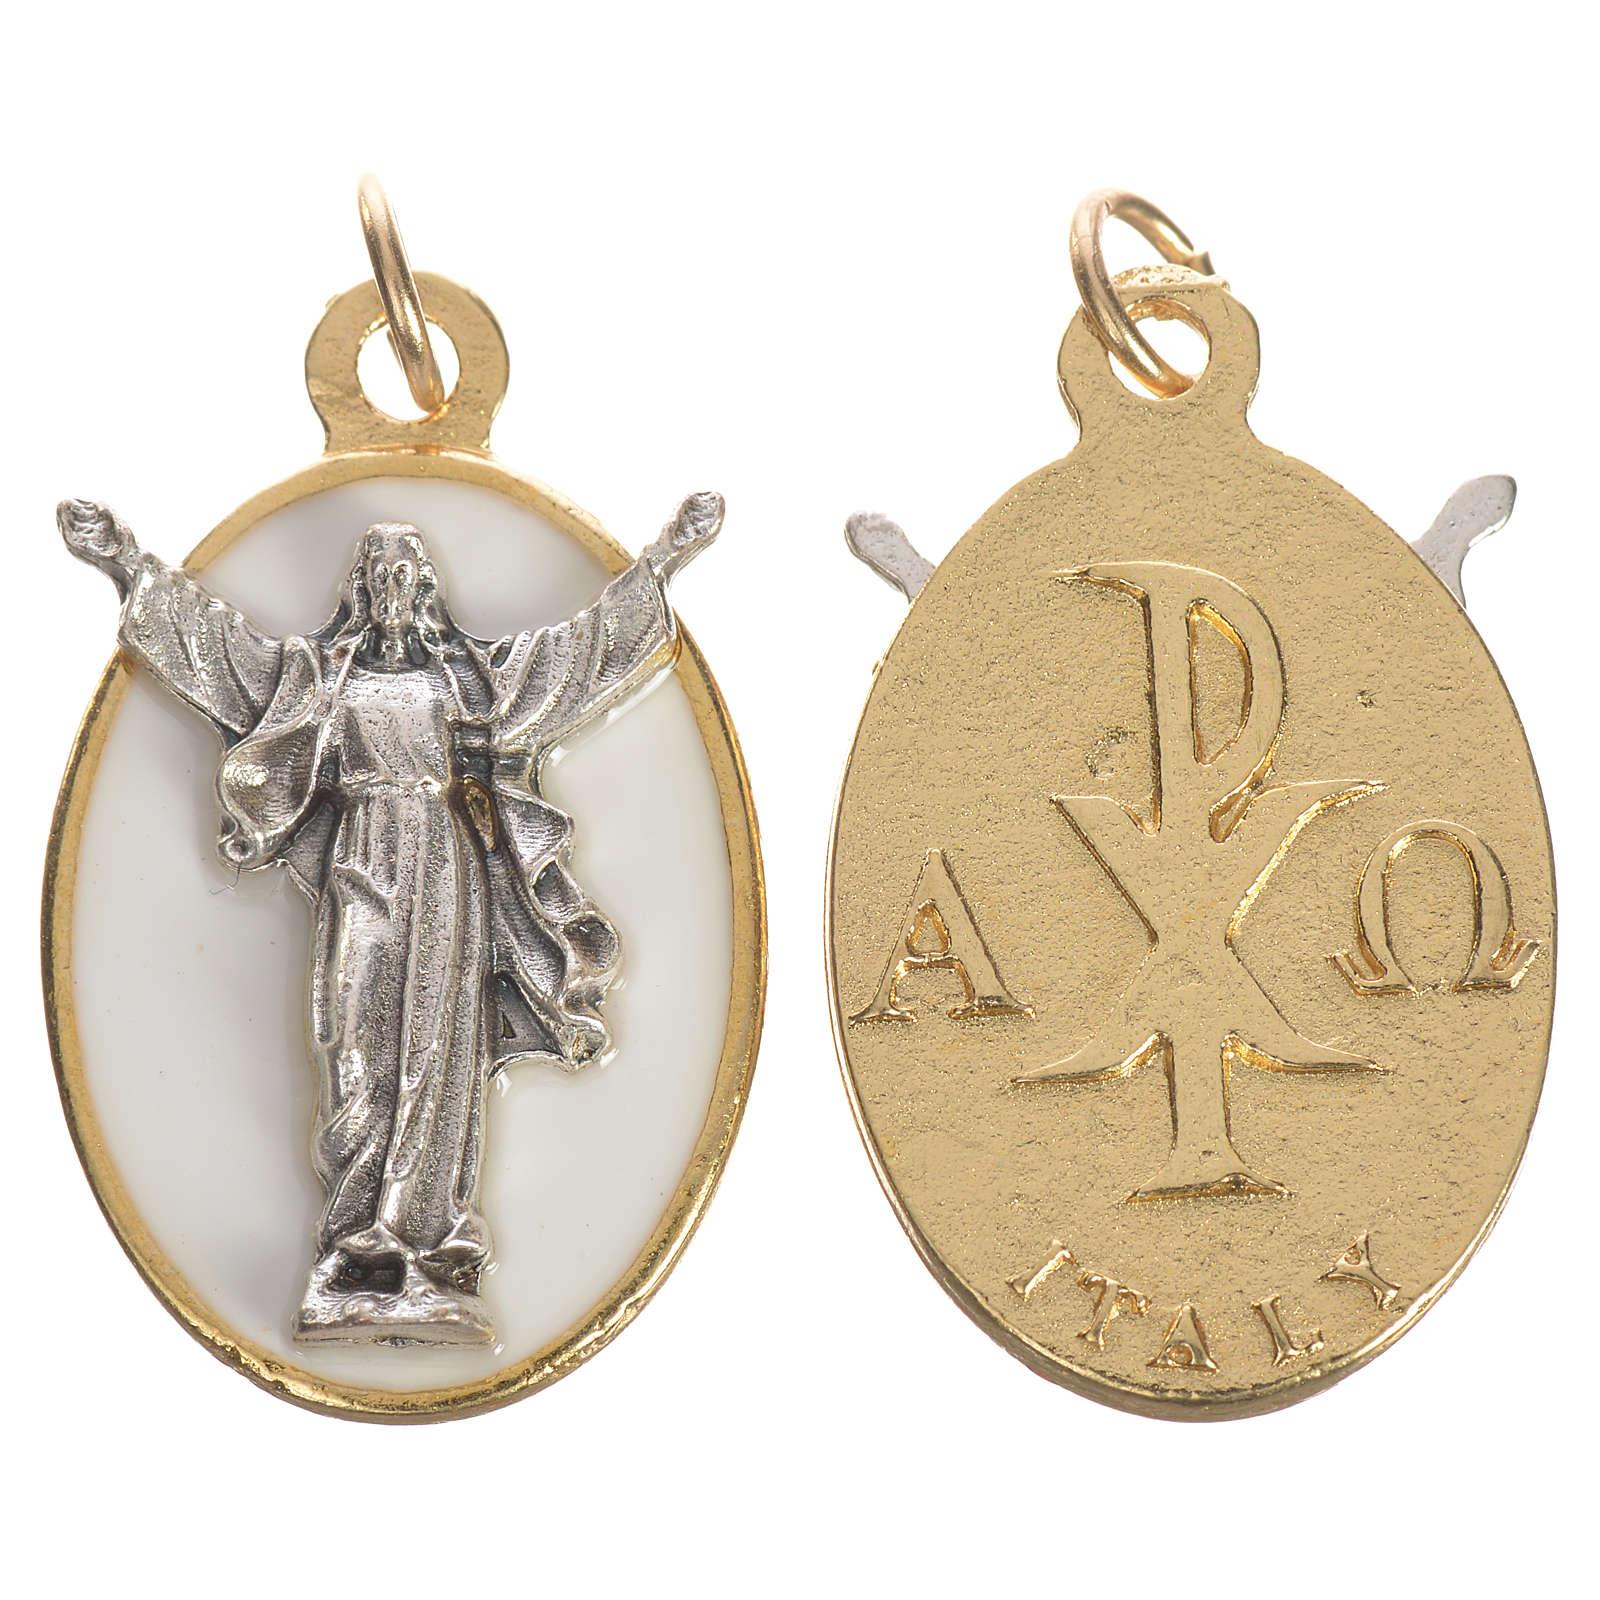 Resurrected Christ medal with white enamel, 2.2cm 4